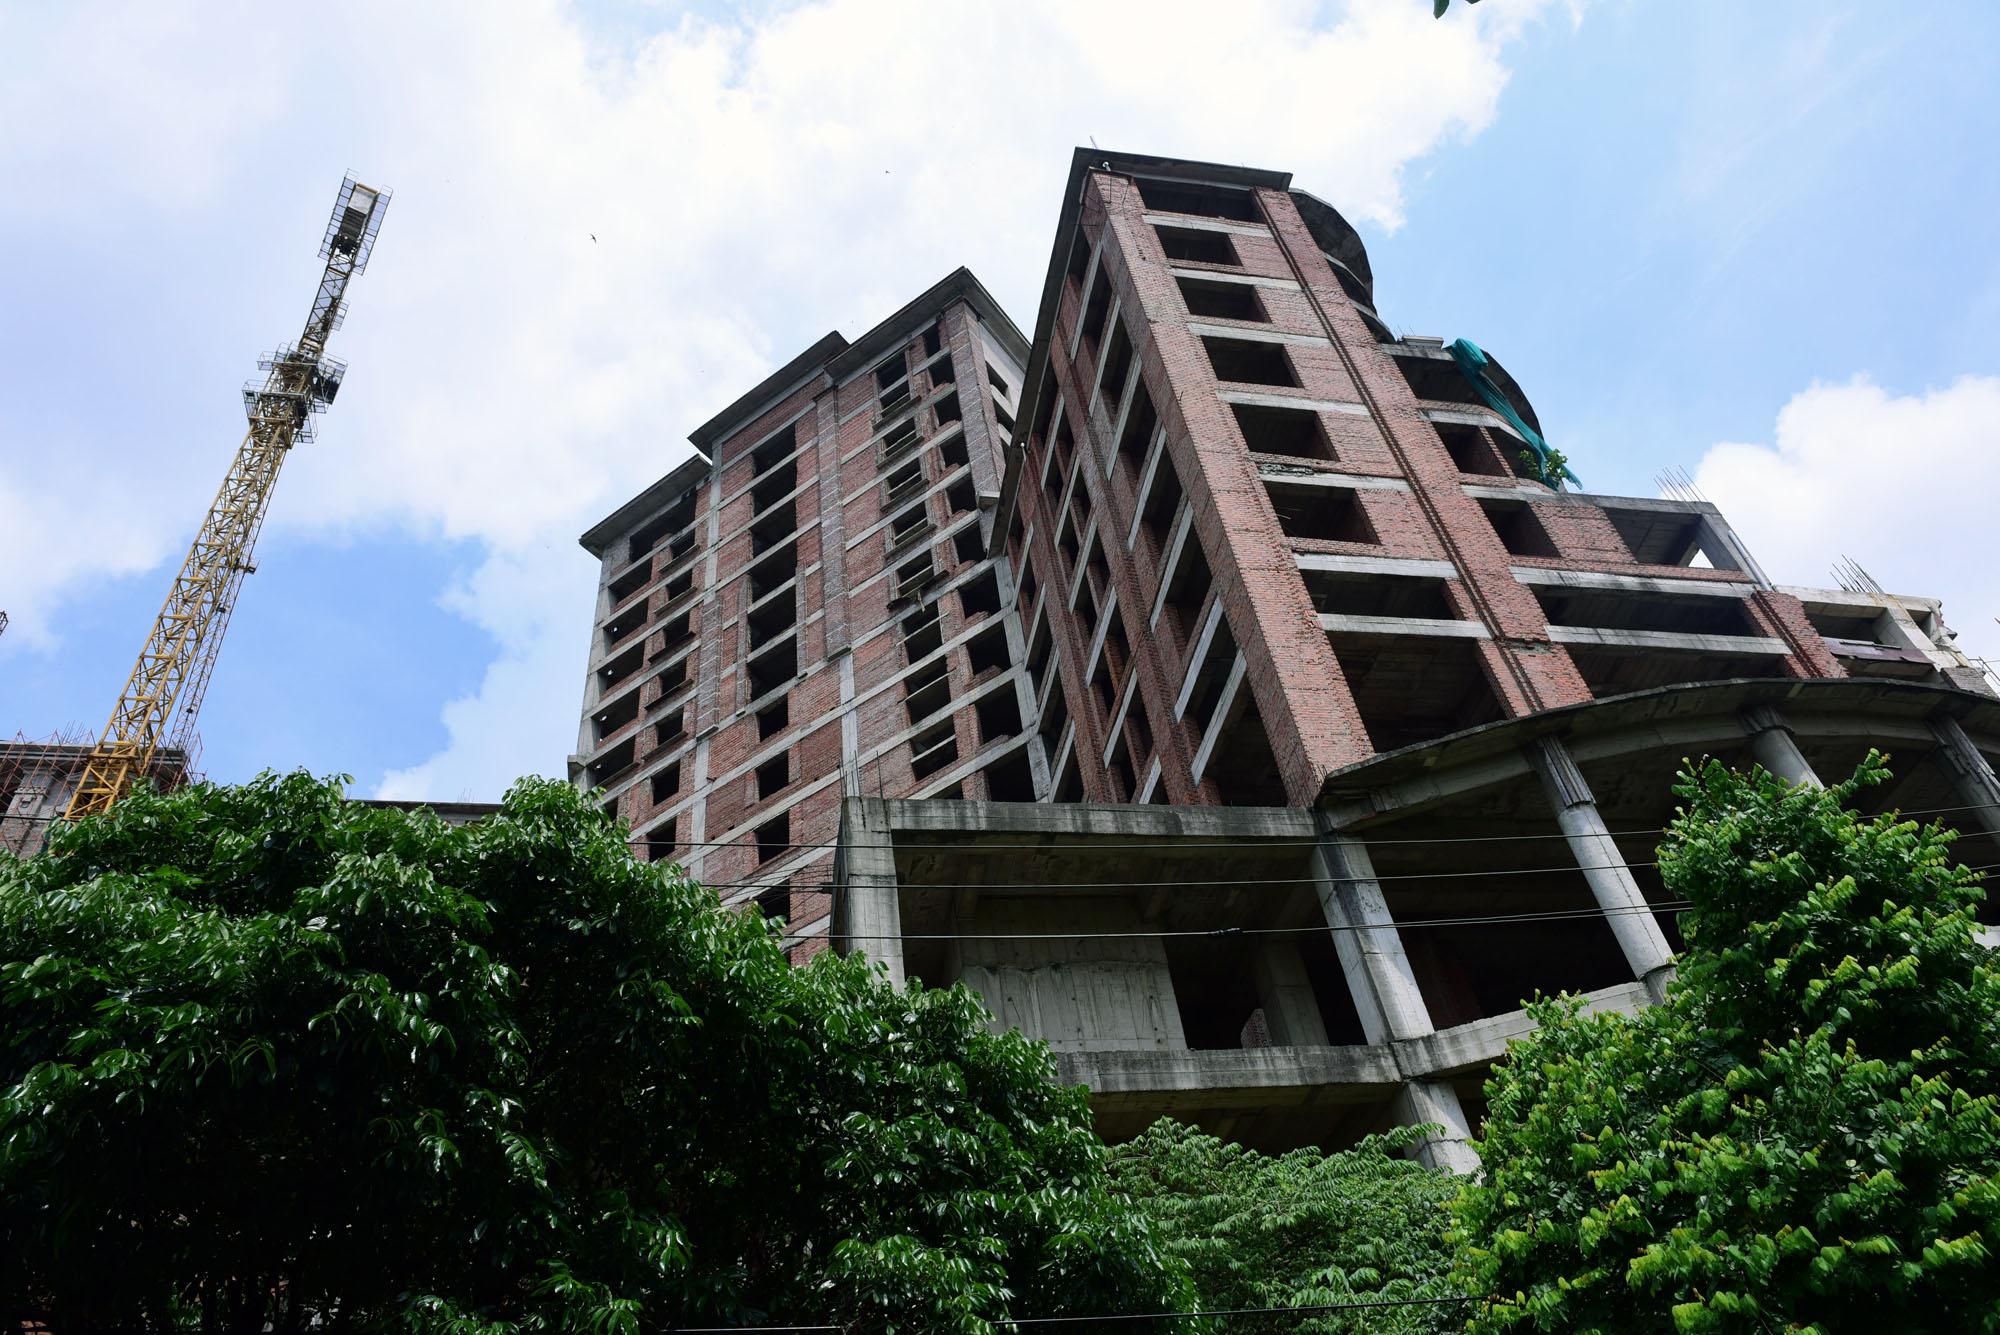 Dự án TTTM Hongkong London trên 'đất vàng' Từ Sơn, Bắc Ninh bỏ hoang nhiều năm - Ảnh 9.